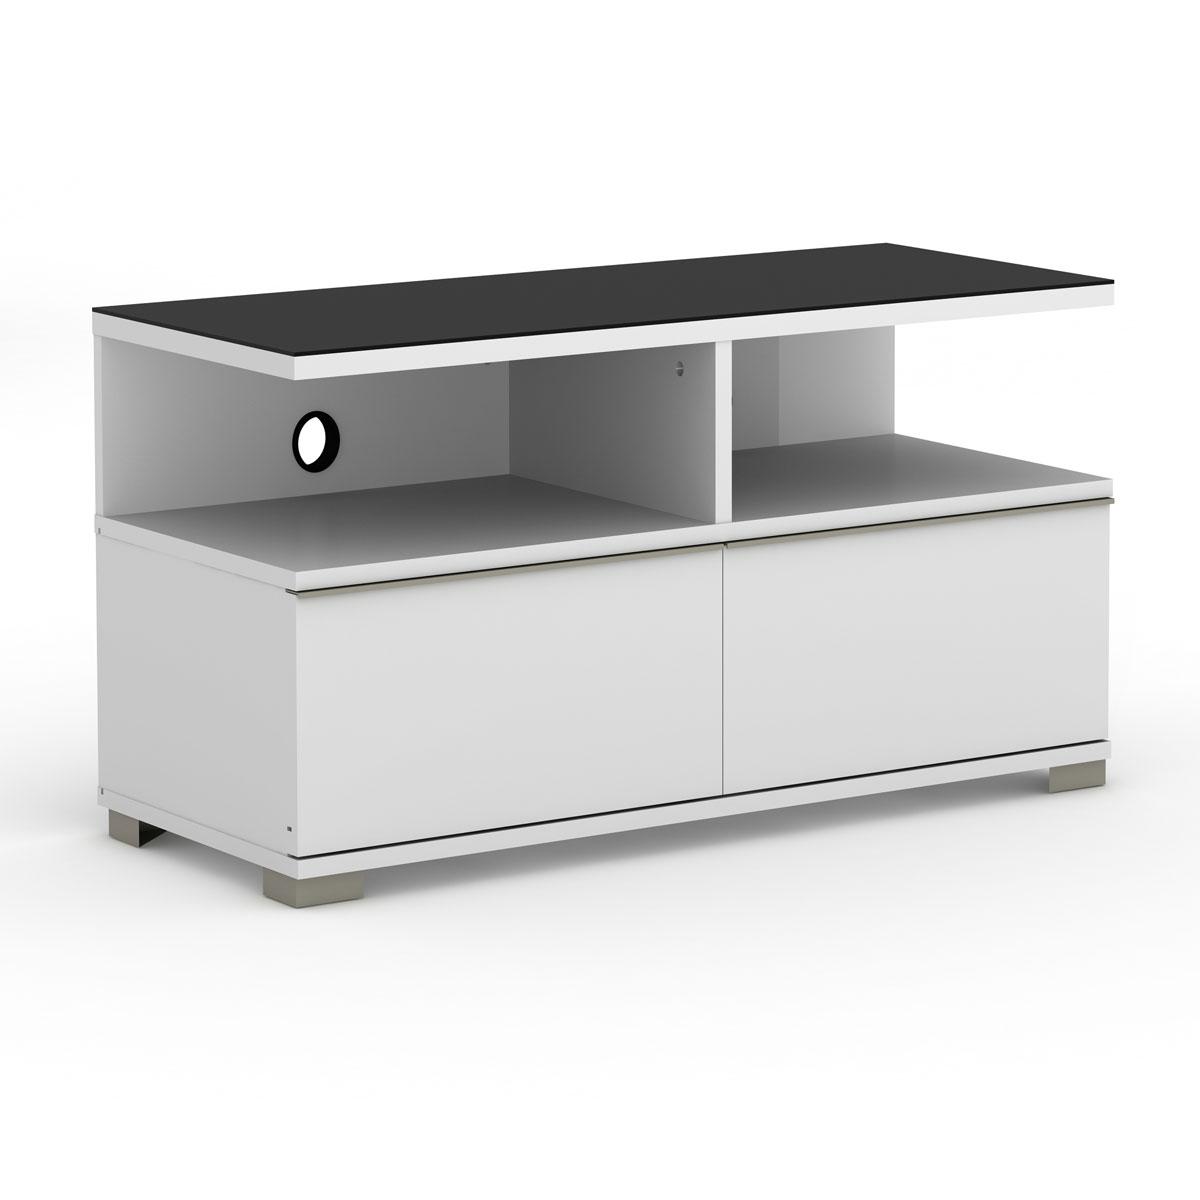 Elmob pardus pr 095 01 blanc meuble tv elmob sur ldlc for Meuble mural videoprojecteur